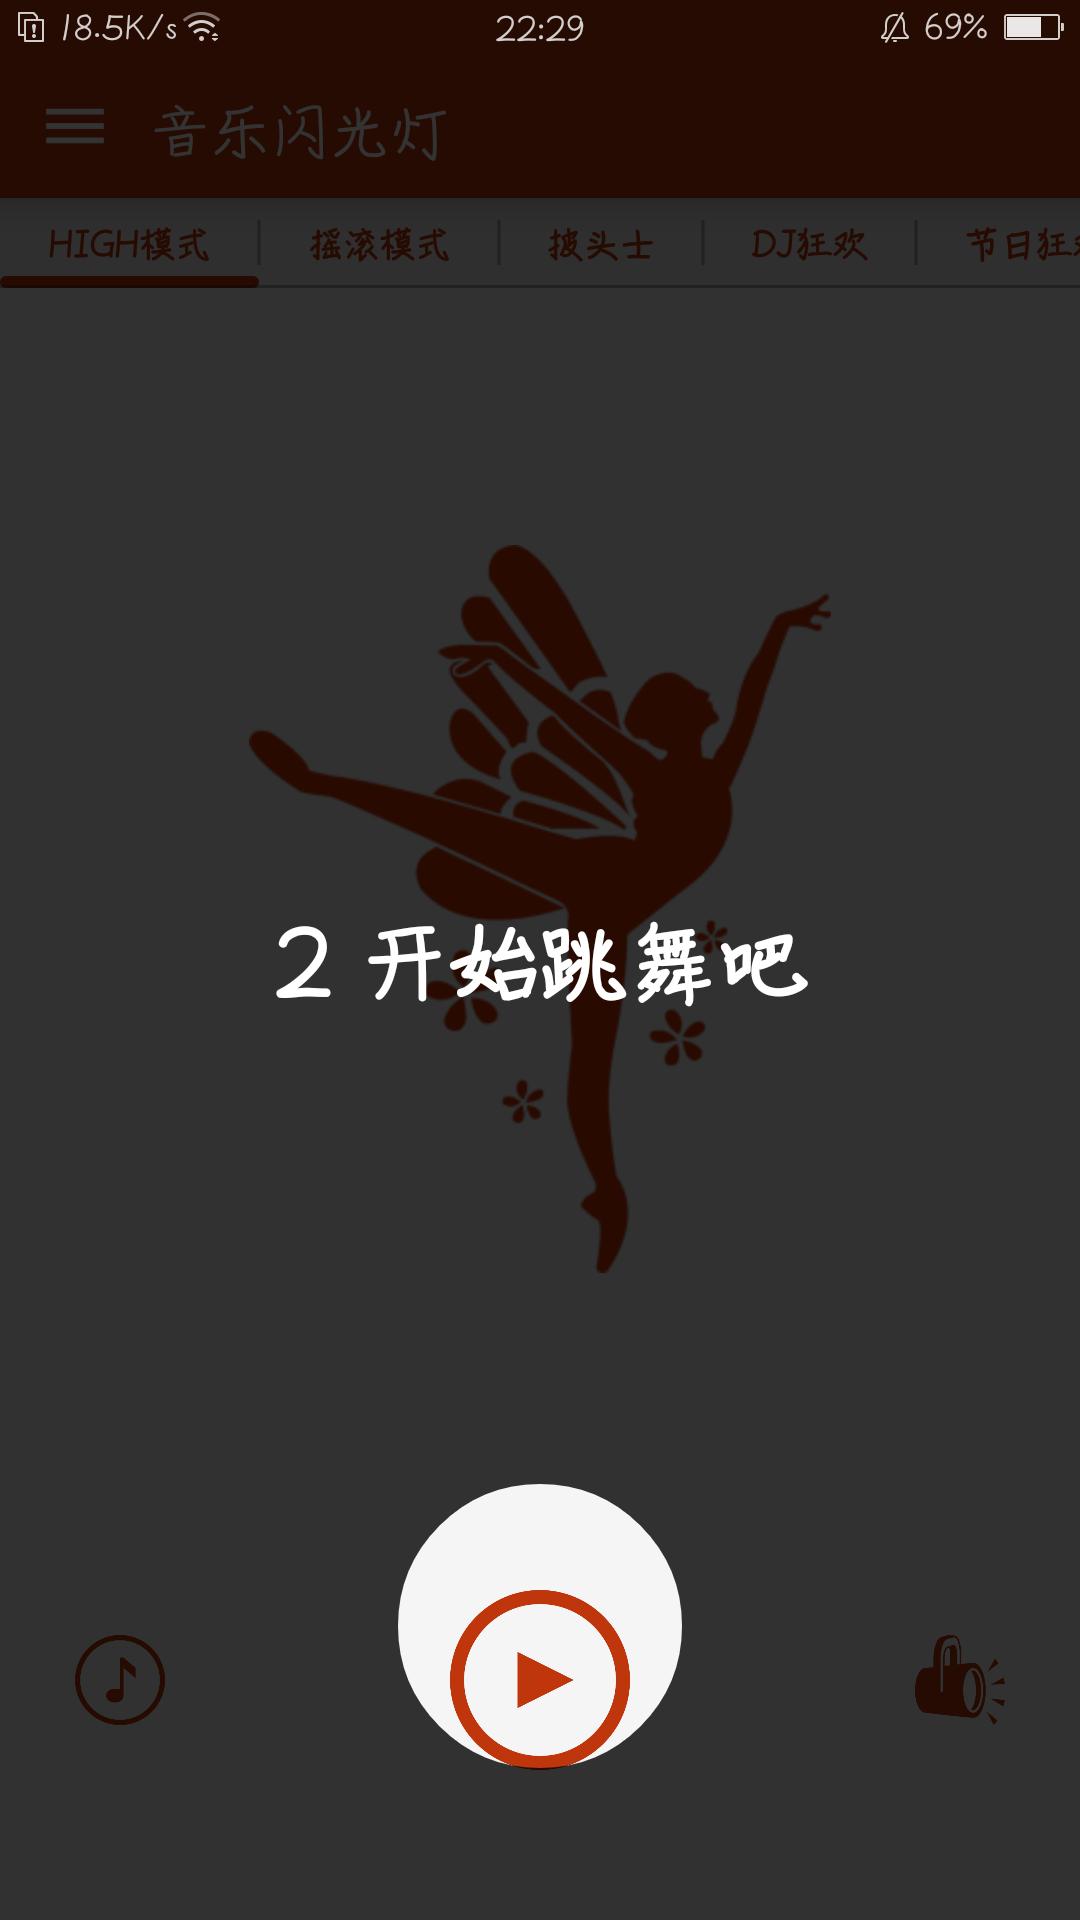 【分享】音乐闪光灯 2.0-爱小助